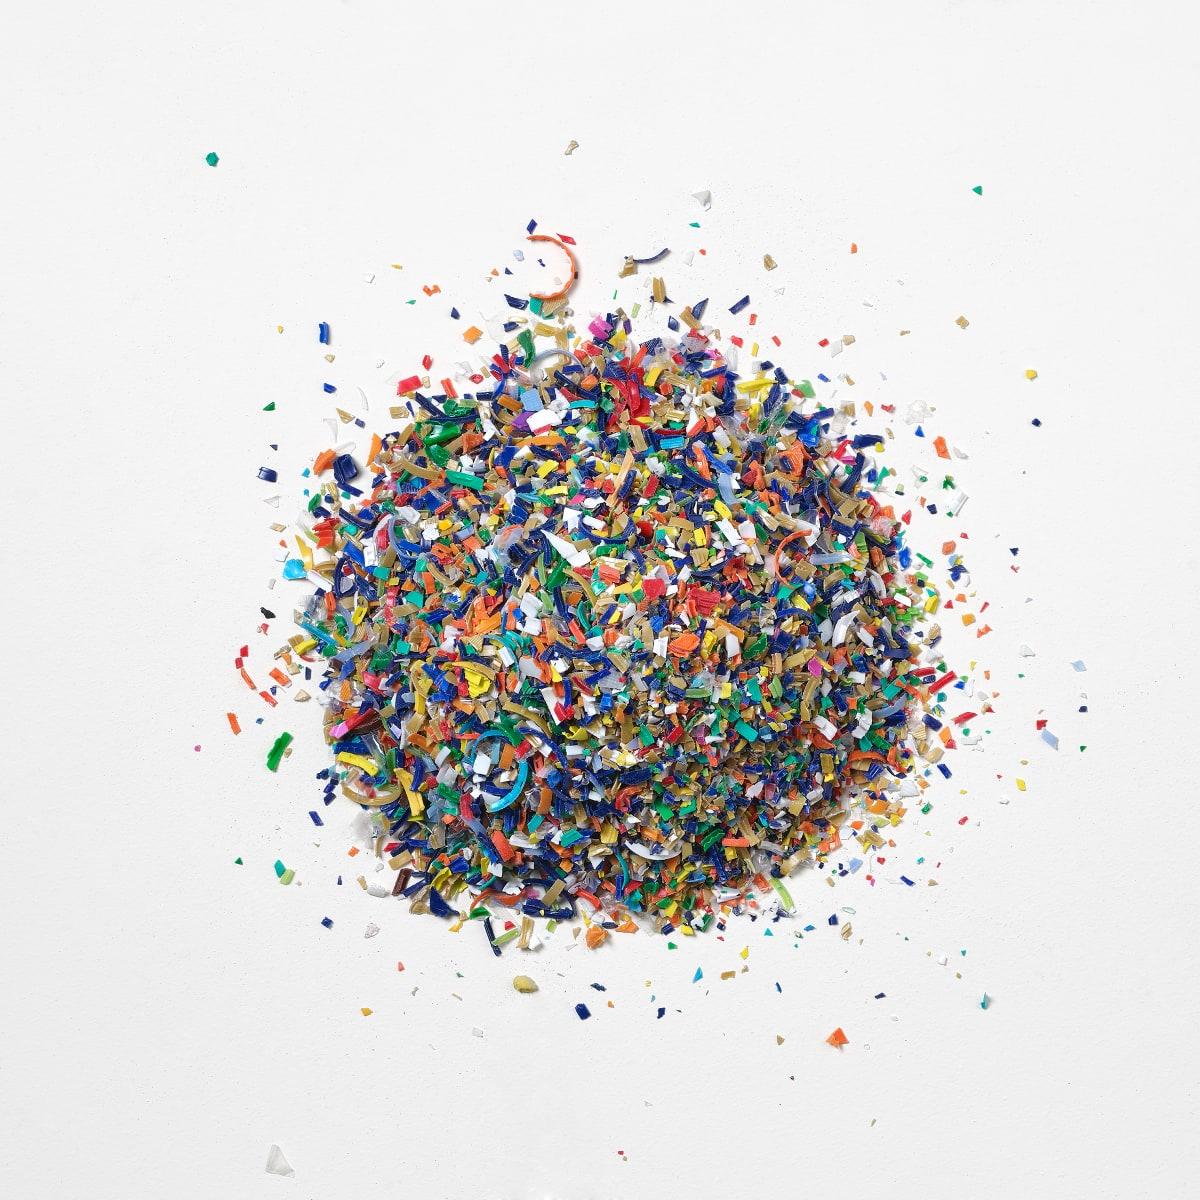 Ein runder Haufen und verstreute Teile von mehrfarbigem, recyceltem, gemahlenem Ocean Bound Plastic auf einem weißen Hintergrund.